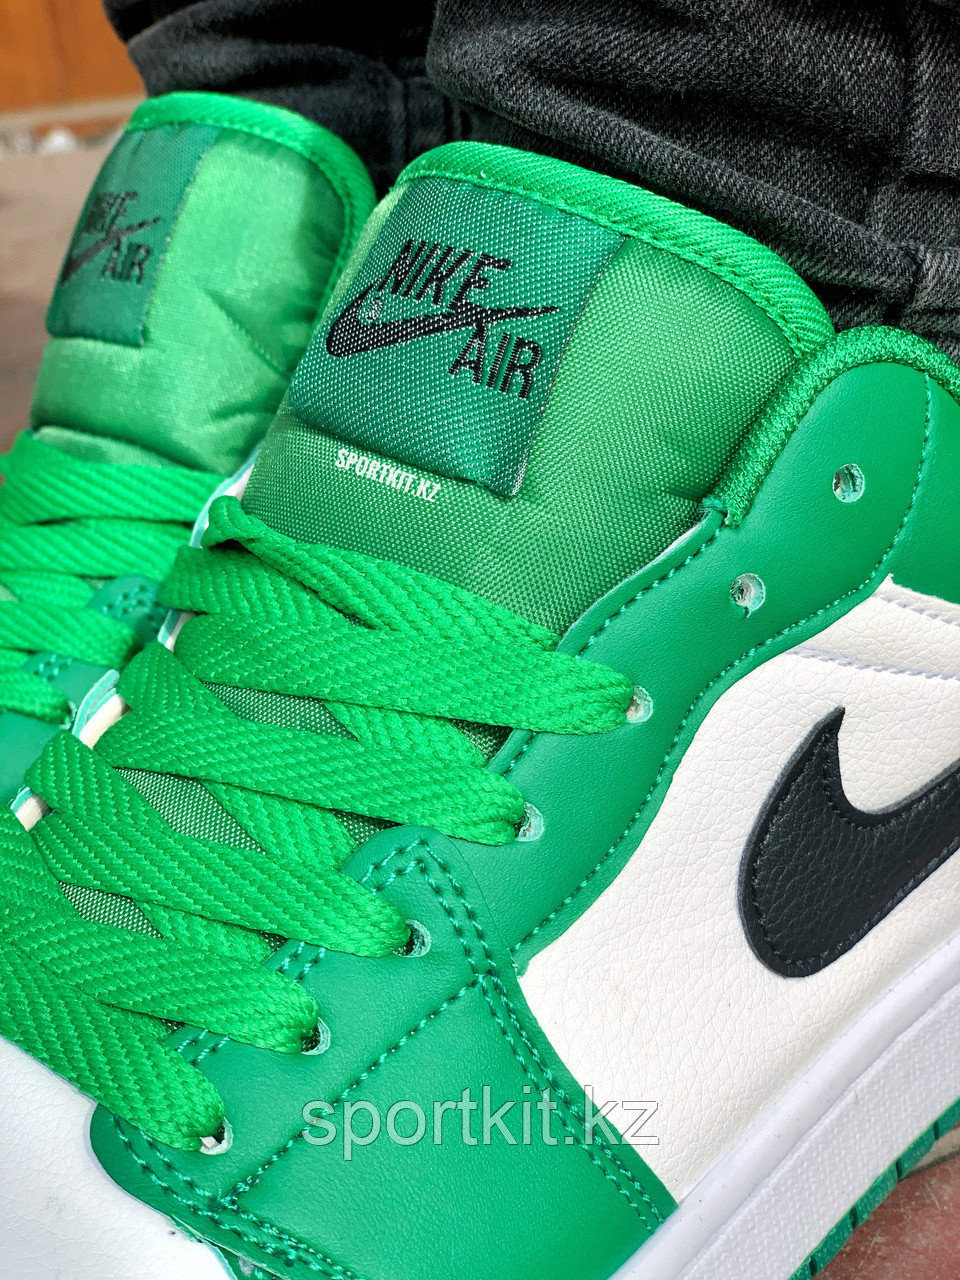 Кеды Nike Jordan низк бело зелёные - фото 3